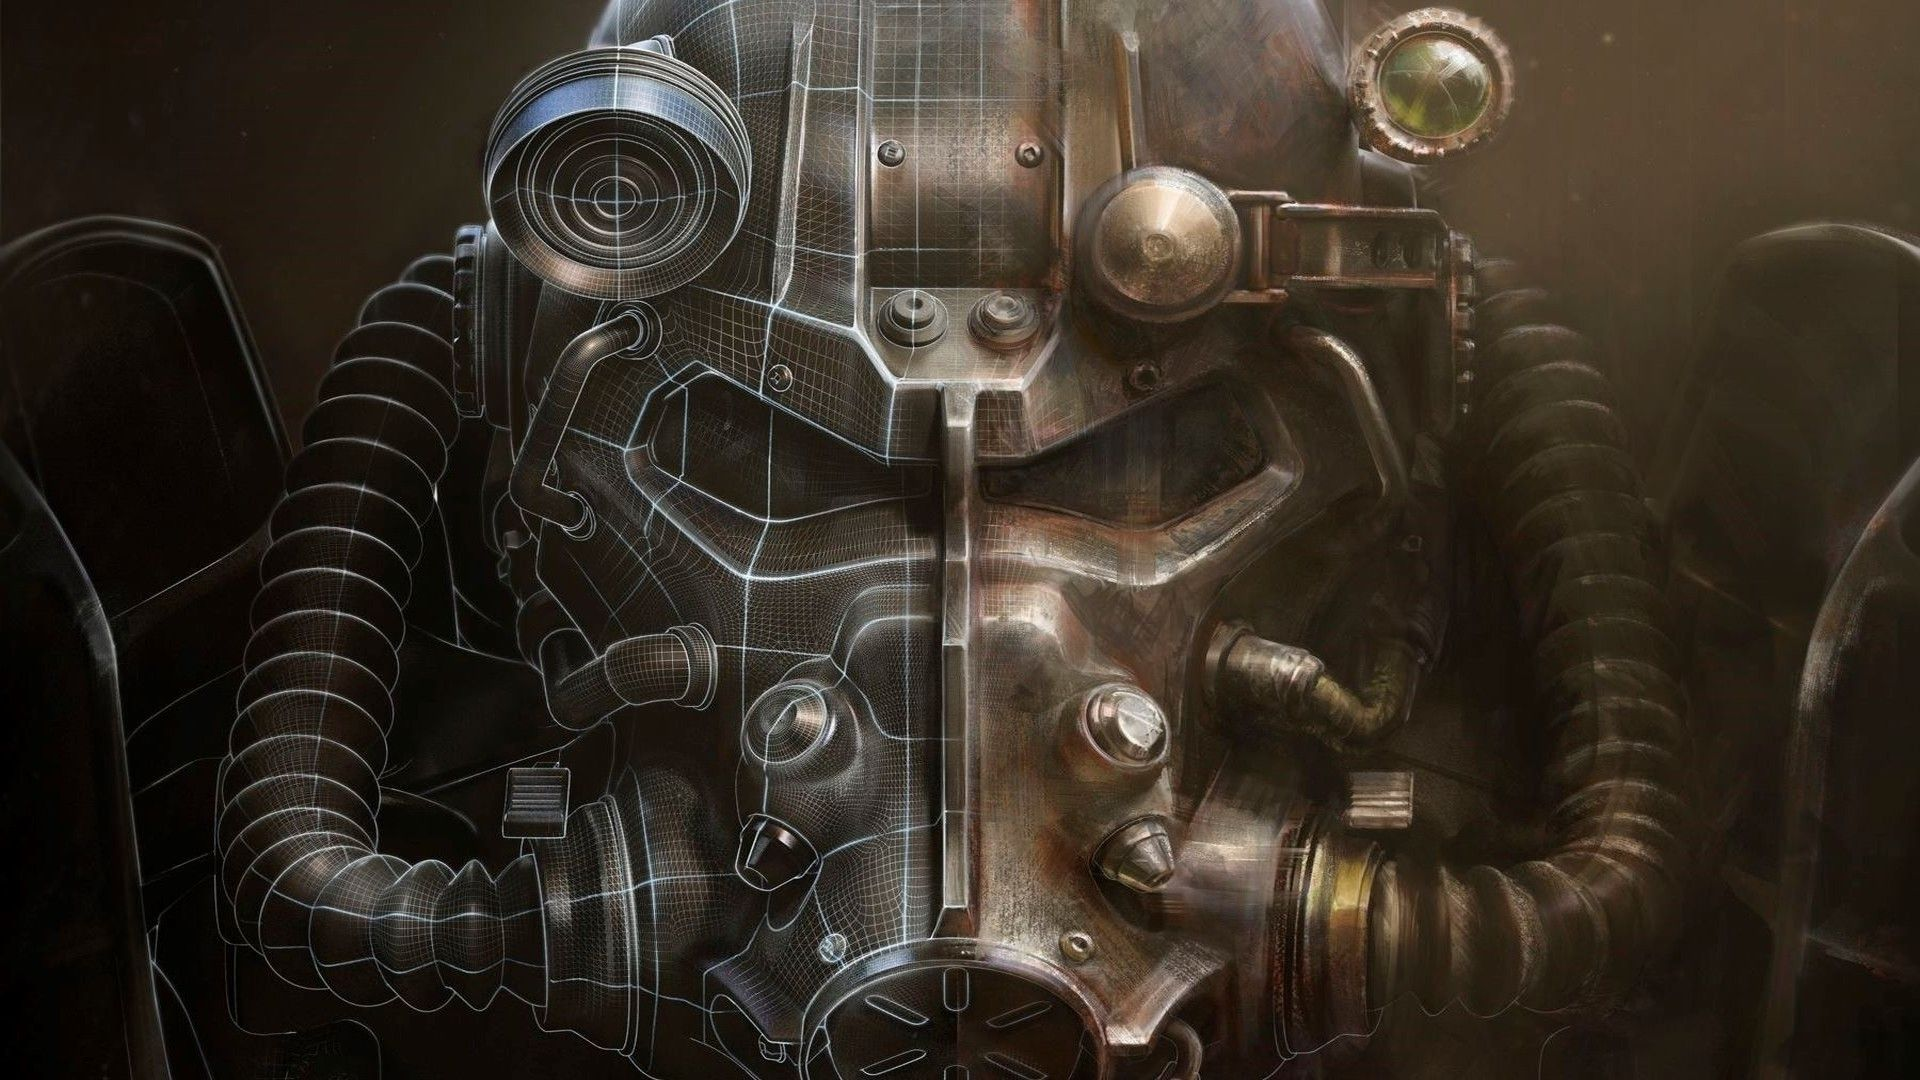 4k Fallout 4 Wallpaper Fallout Wallpaper Fallout 4 Wallpapers Geo Wallpaper